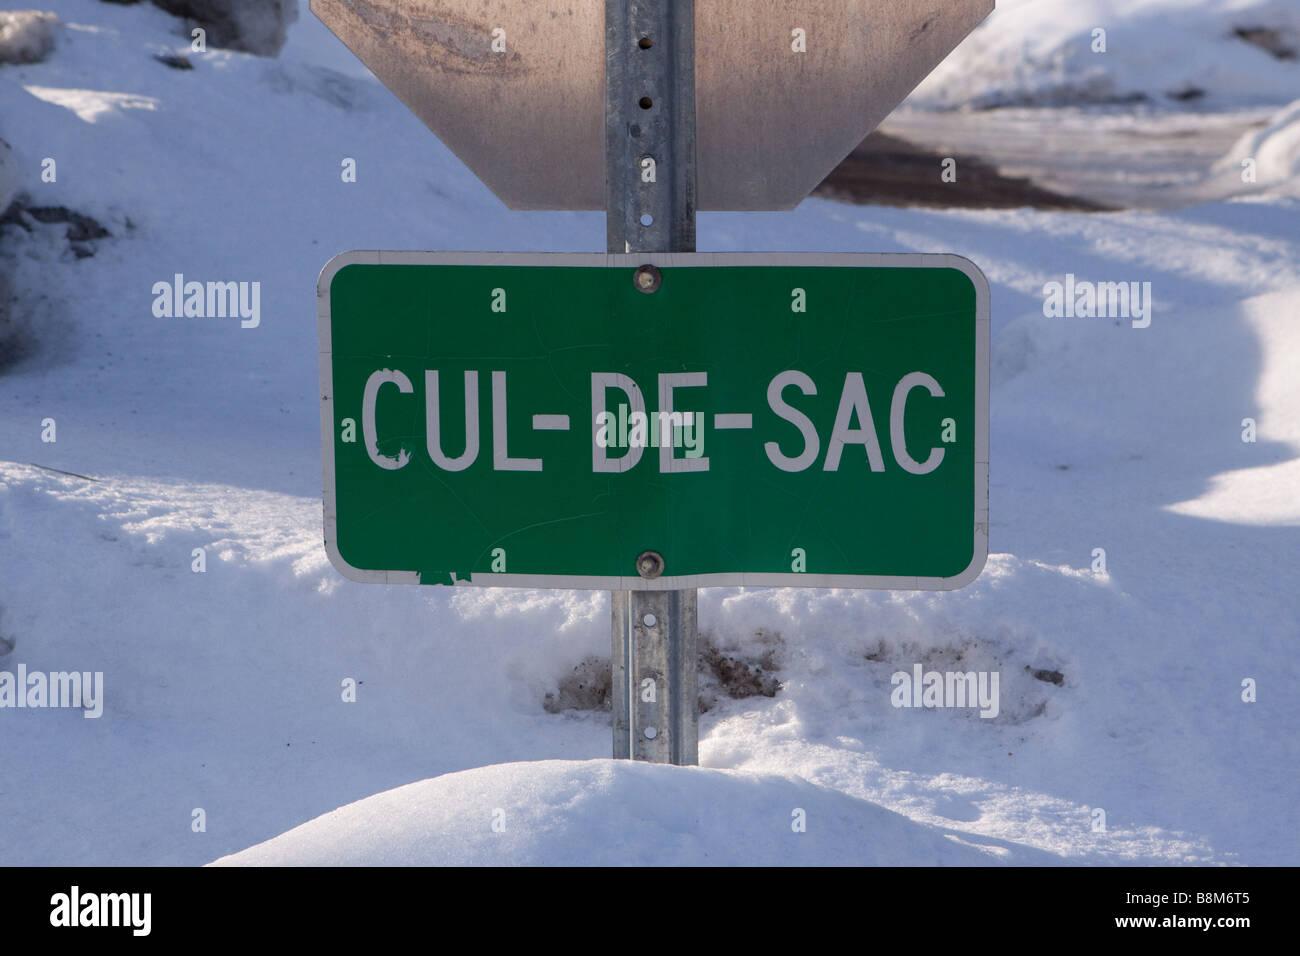 Cul-de-sac , dead-end street sign - Stock Image